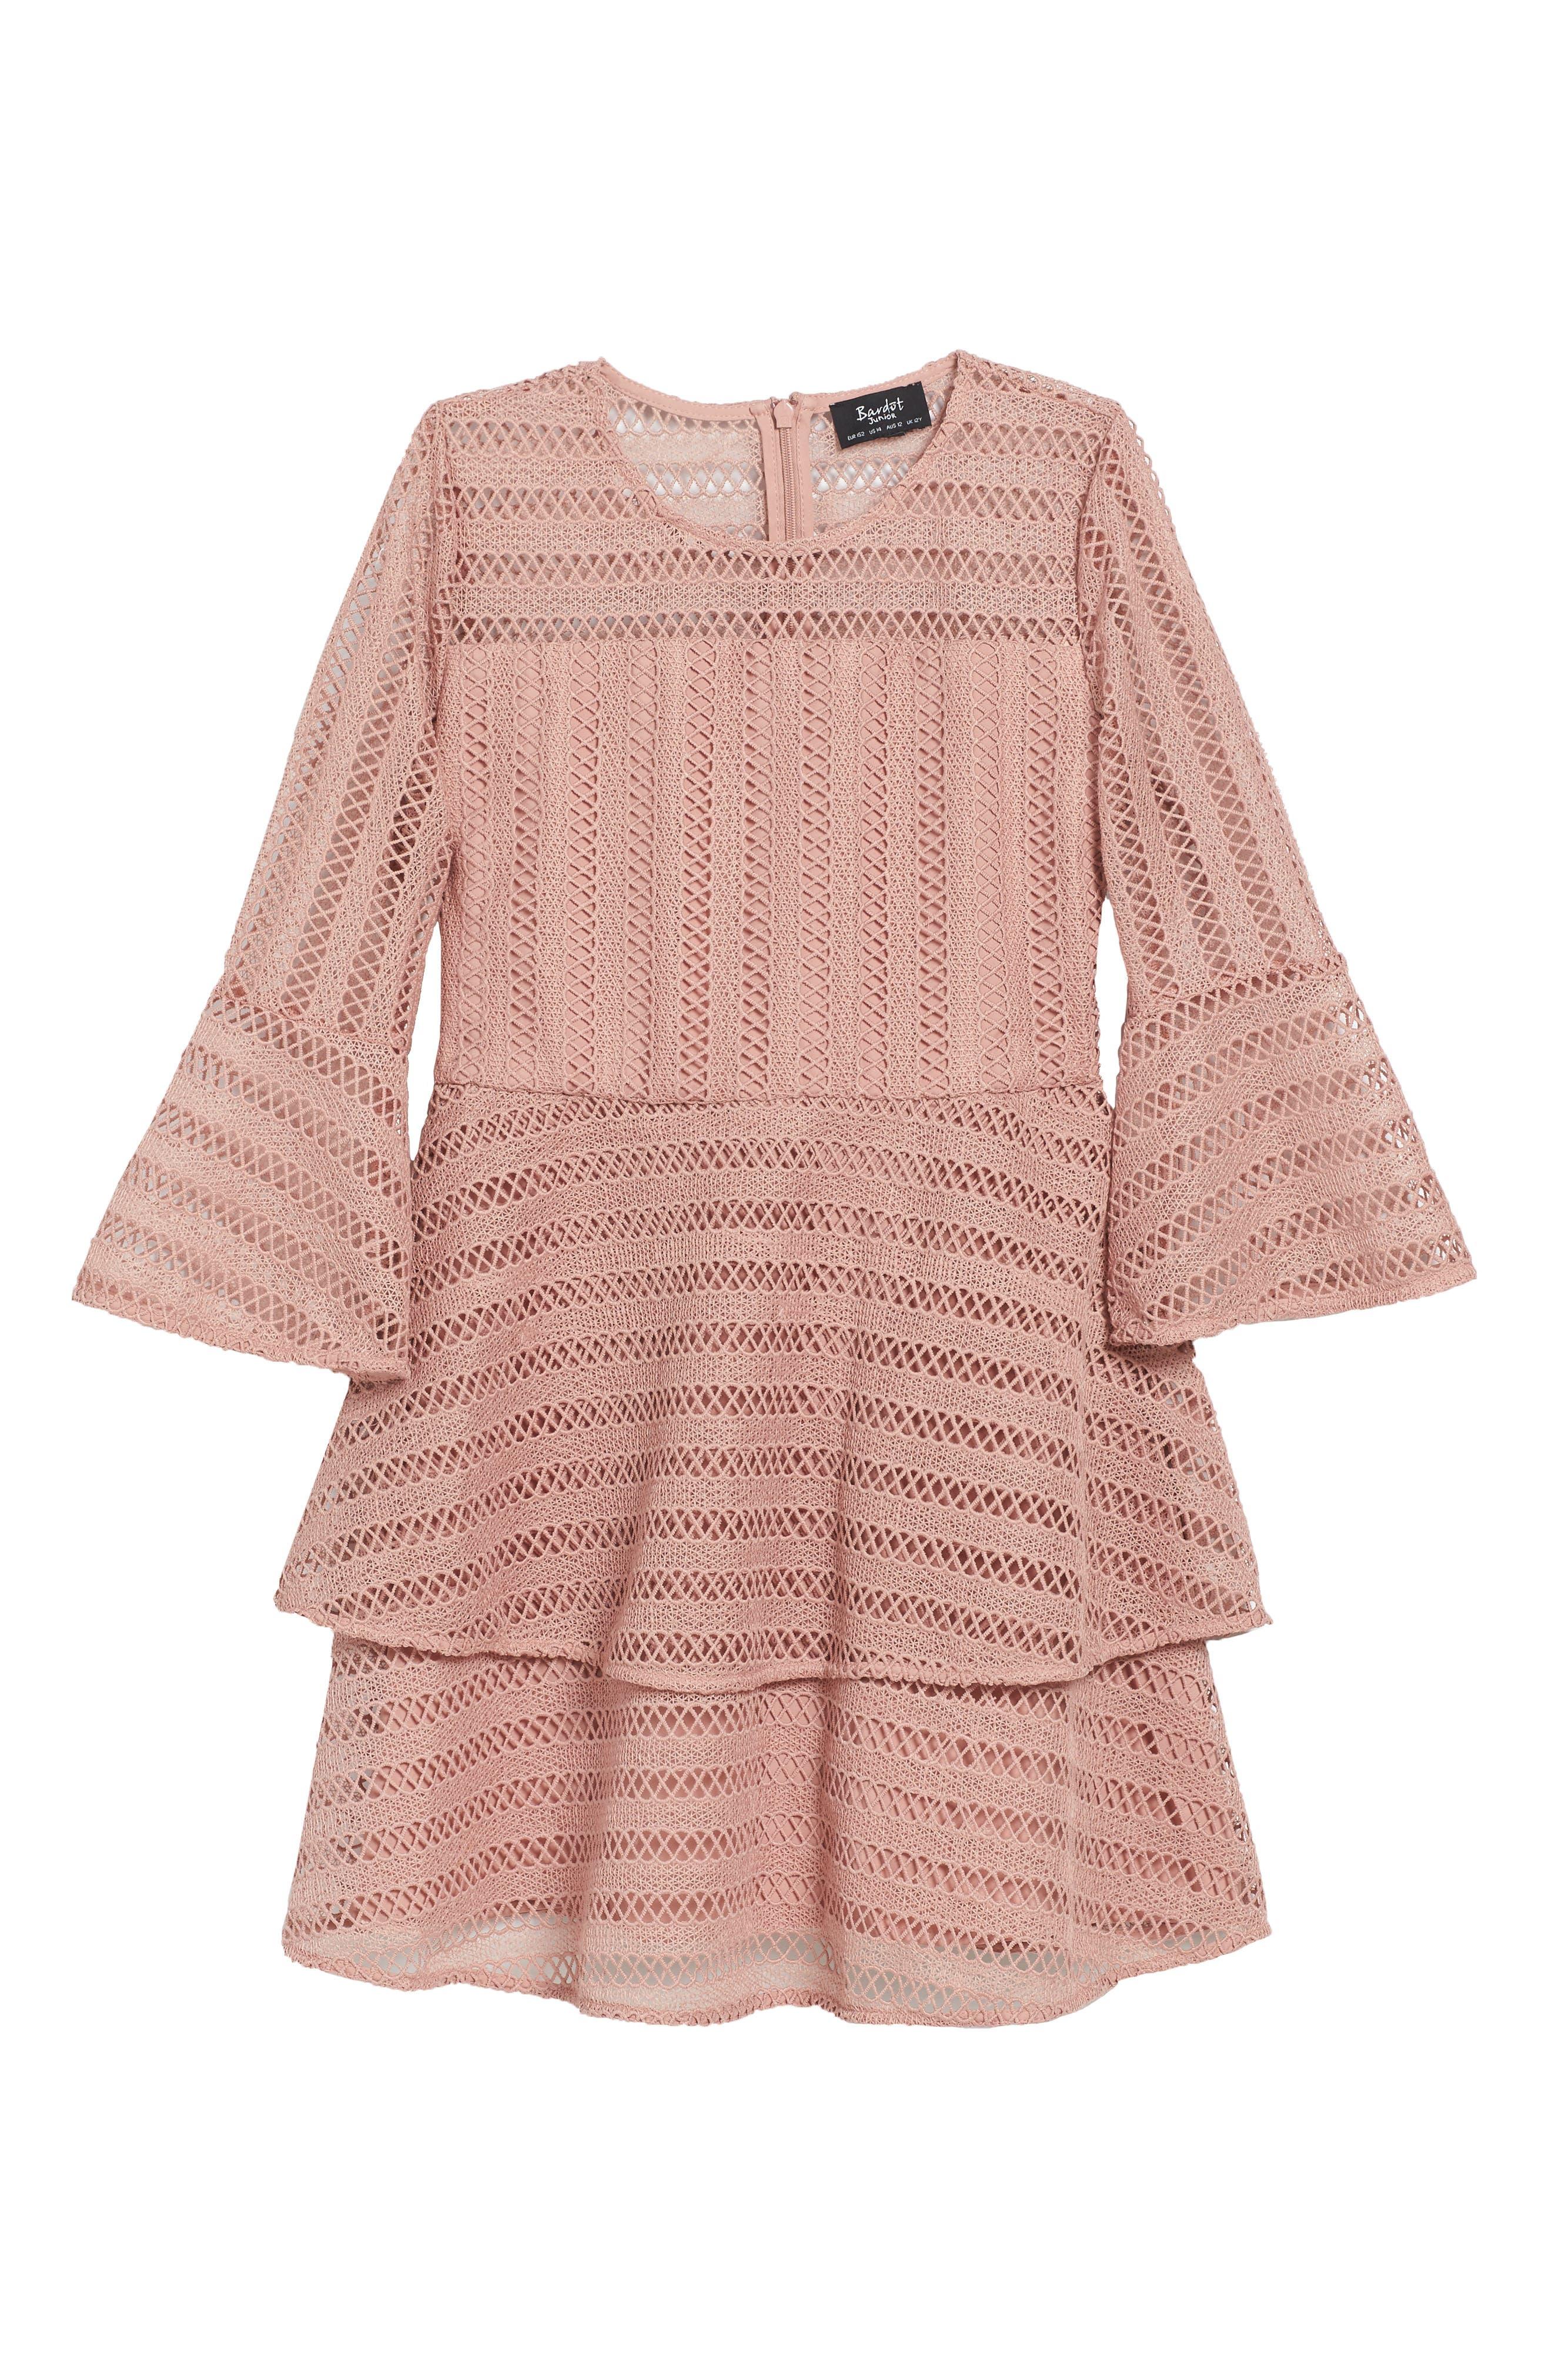 Collins Lace Dress,                         Main,                         color, 684